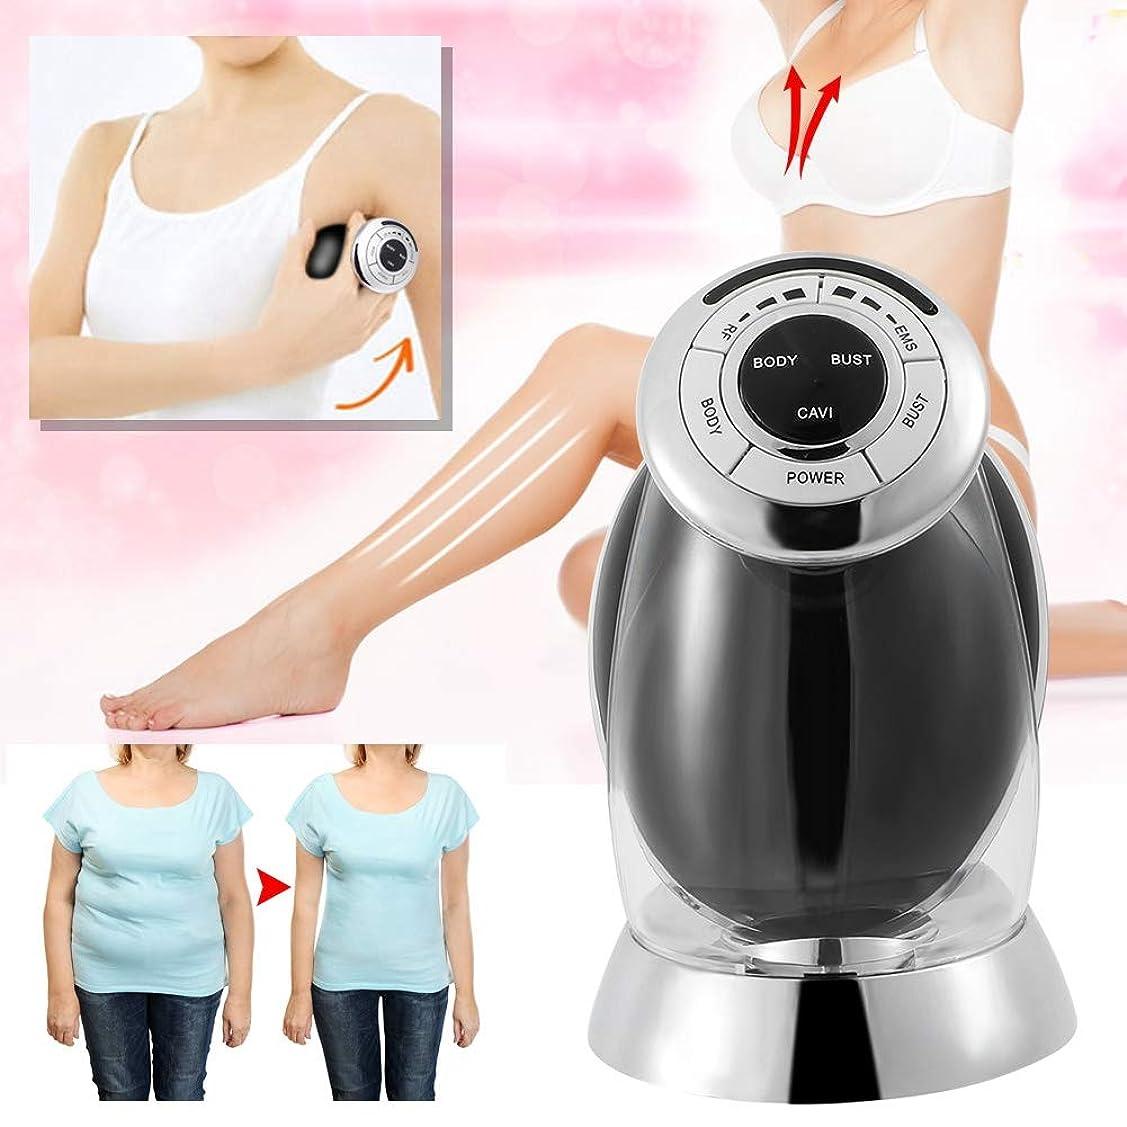 画面ブラジャー品種胸美容ツール、ボディ痩身マシン、EMS RF脂肪燃焼マシン、痩身ボディ、乳房脂肪美容機器の燃焼用(AU)